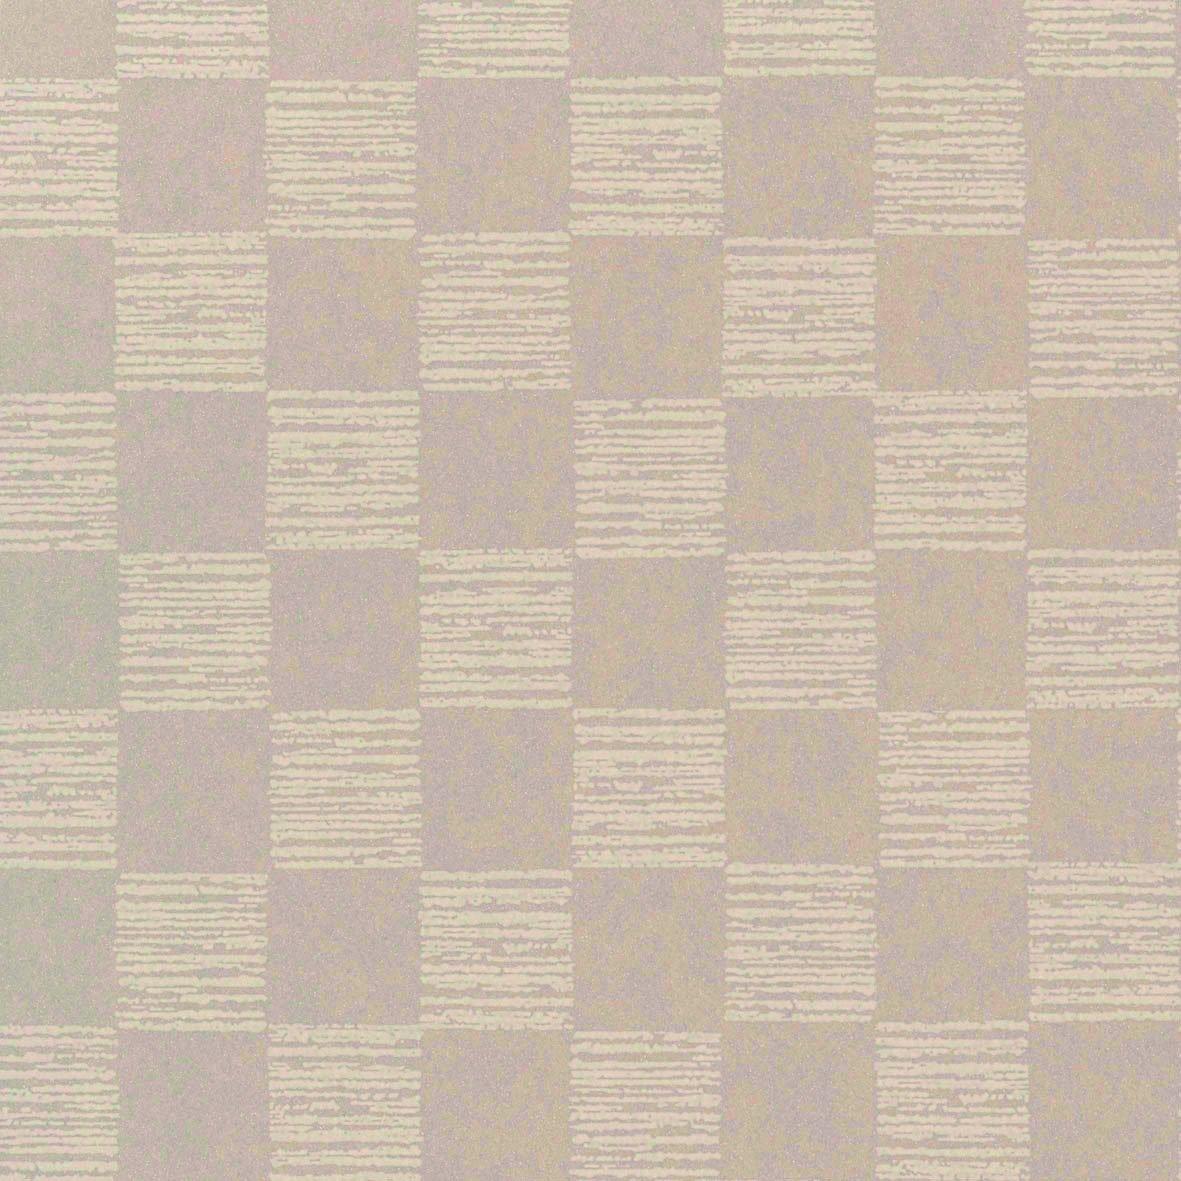 リリカラ 壁紙36m 和 幾何学 ベージュ LL-8308 B01N3P2NID 36m|ベージュ